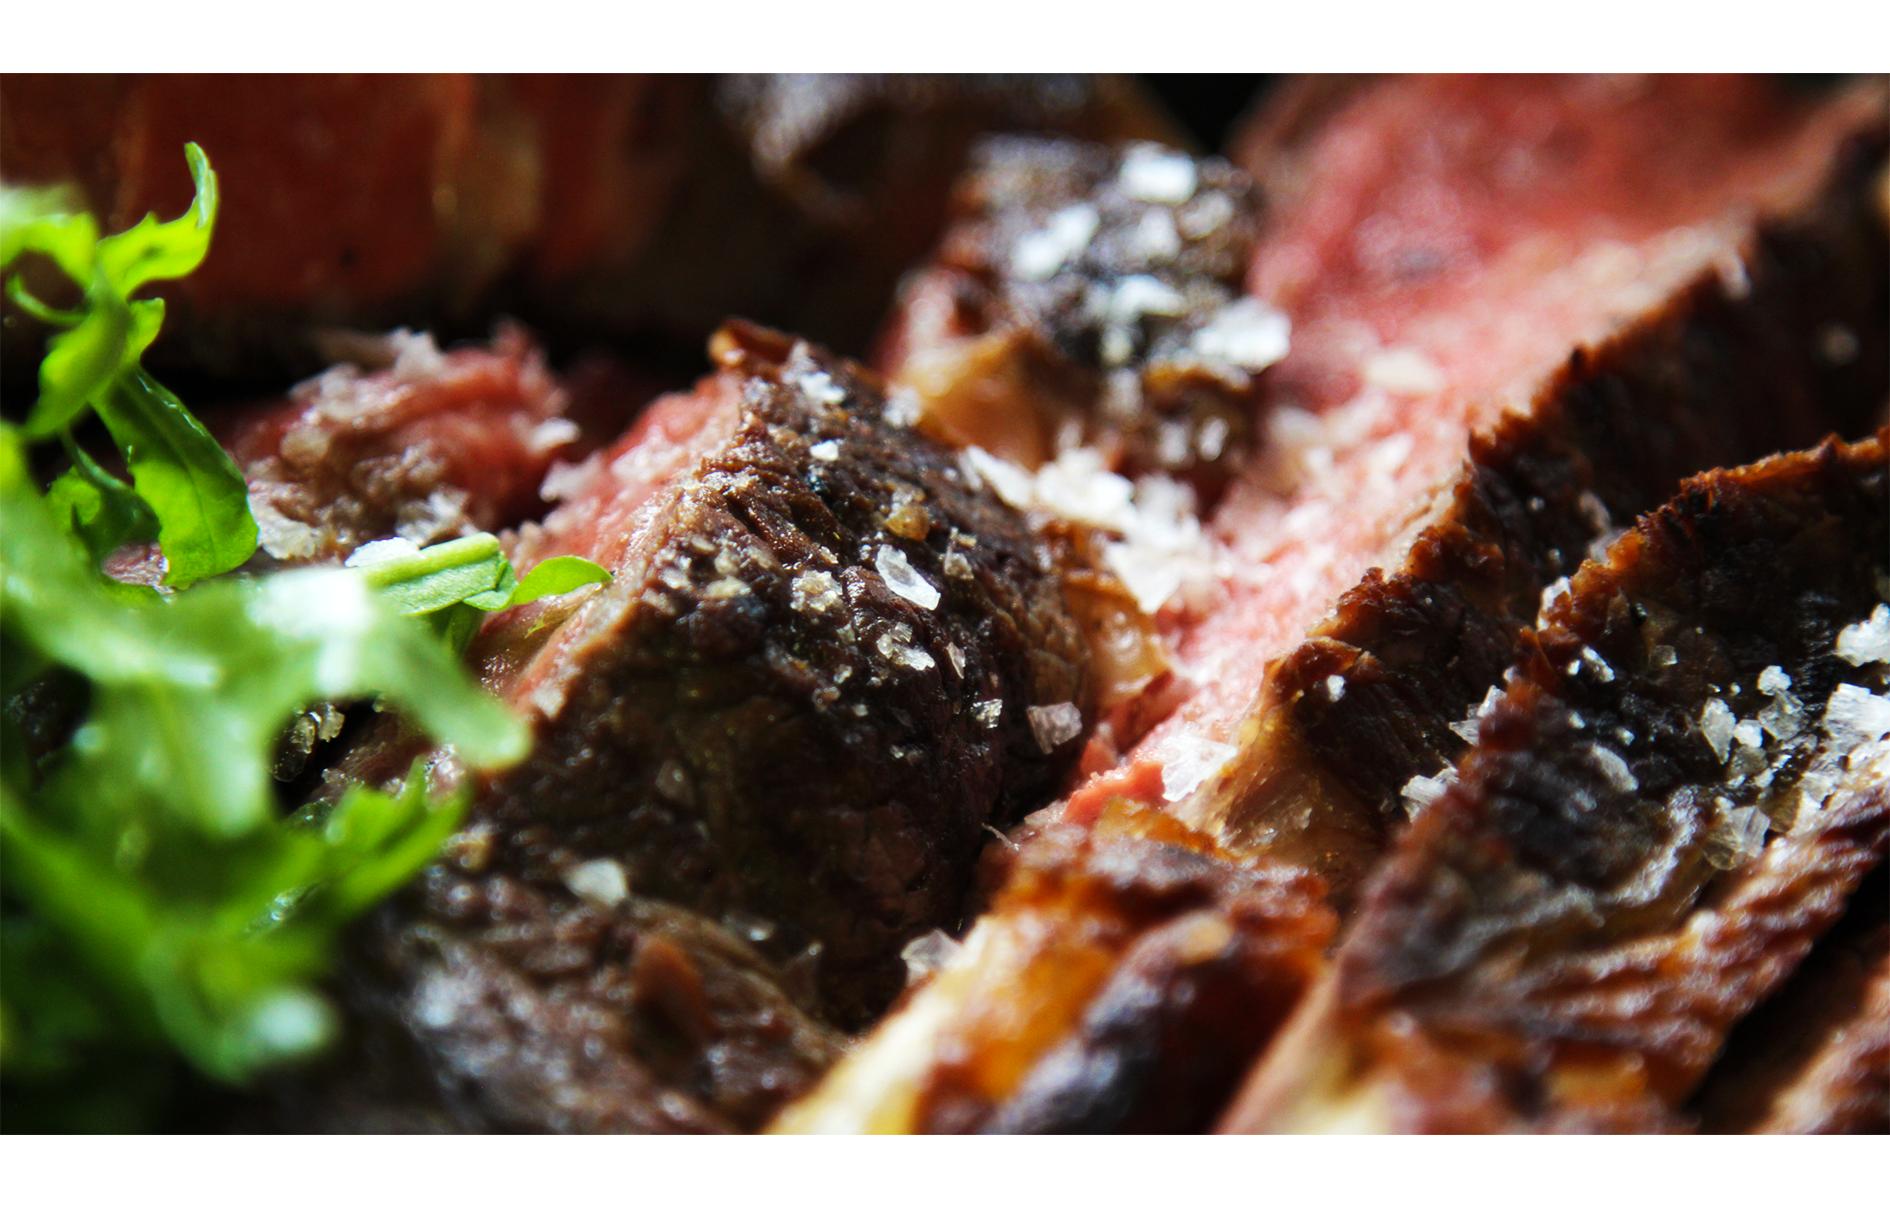 Steak close up